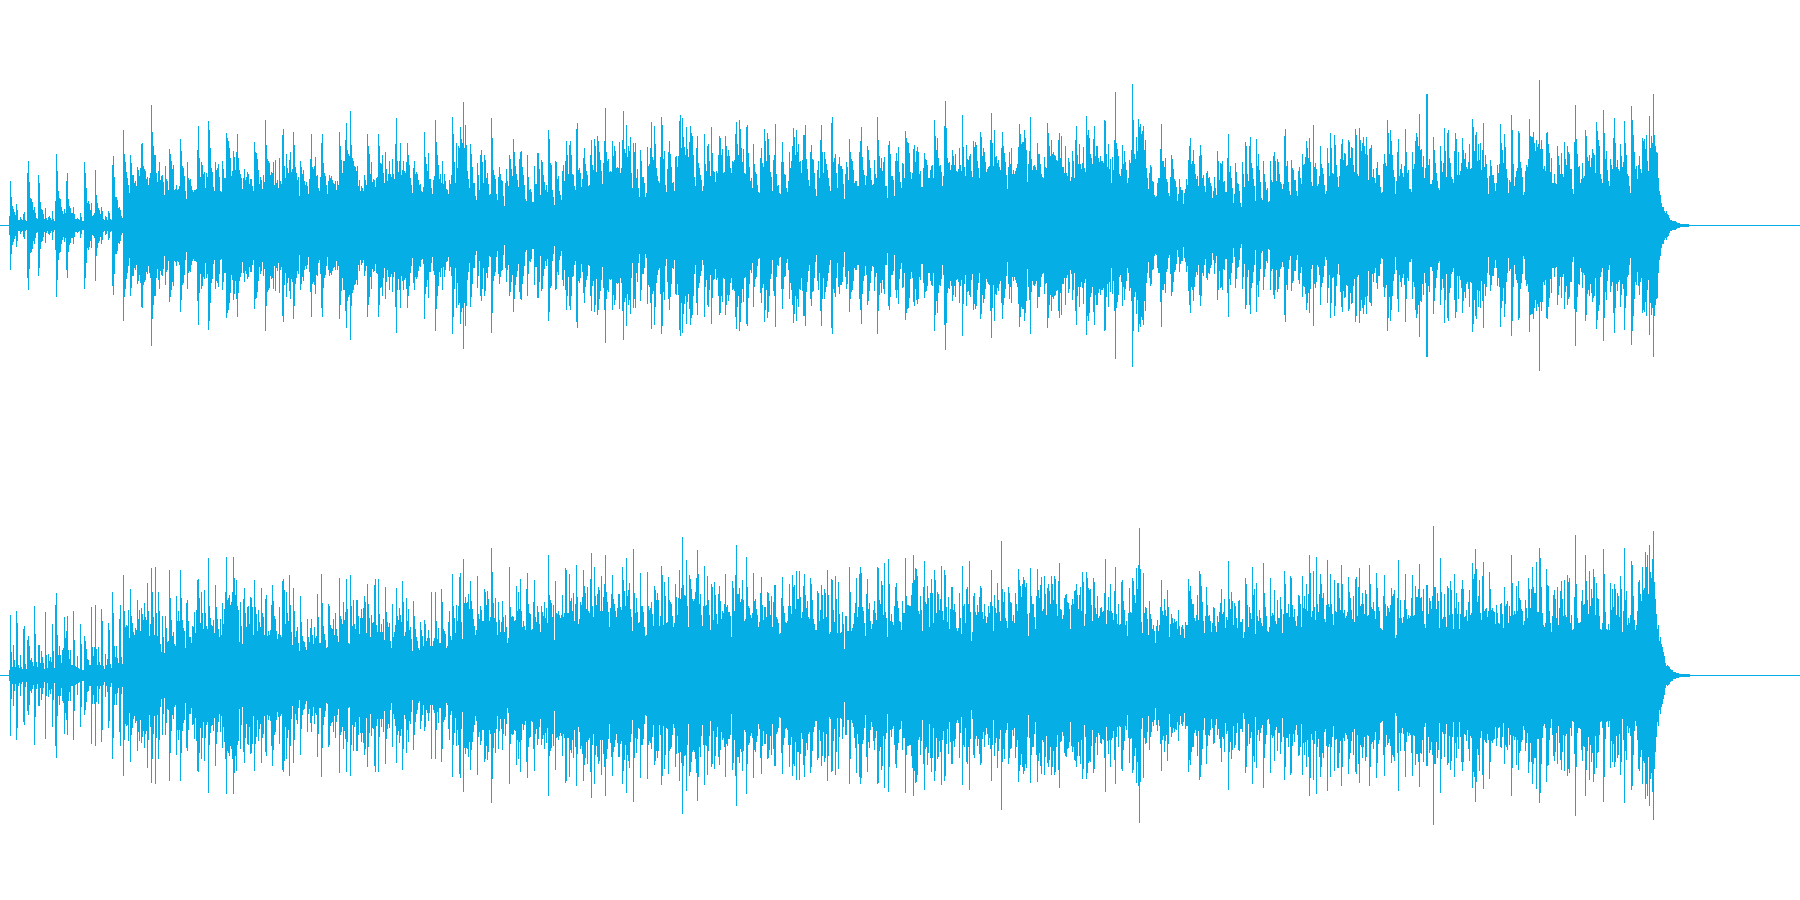 民族音楽風無国籍なエスノ・ポップスの再生済みの波形